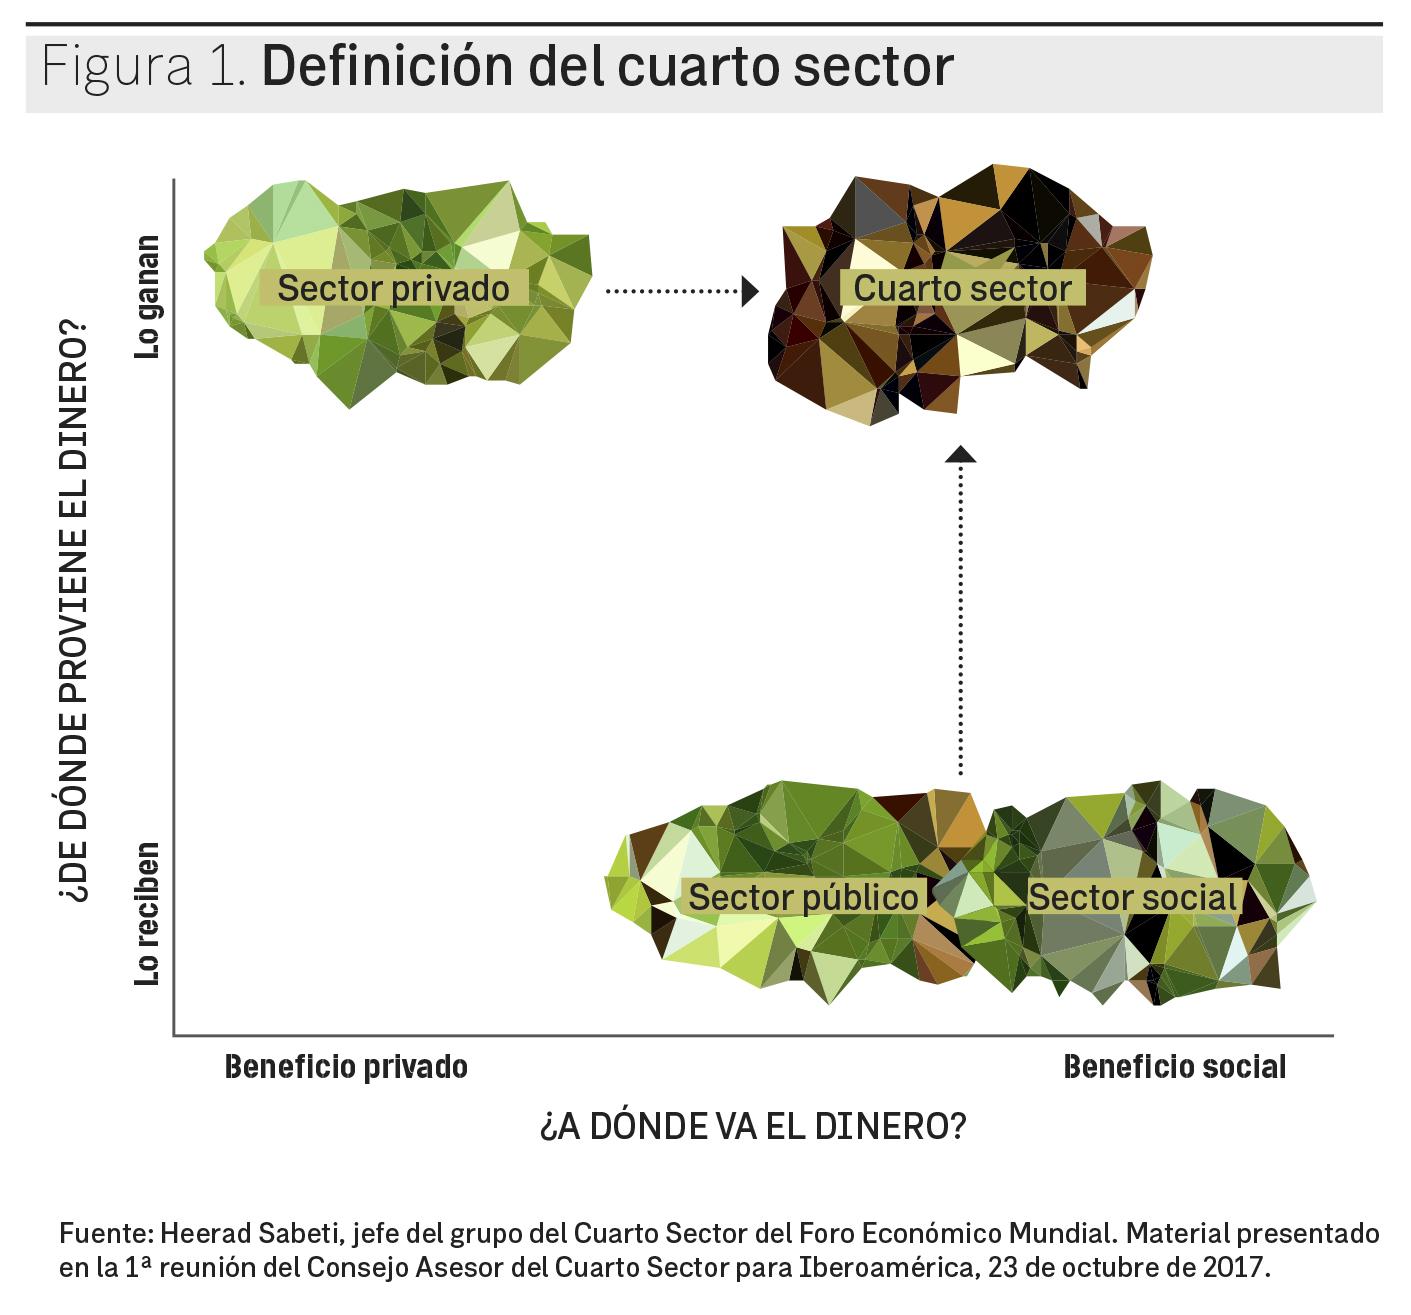 RevistaIstmo_361_ARTEDEDIRIGIR_Definicion del cuarto sector ...